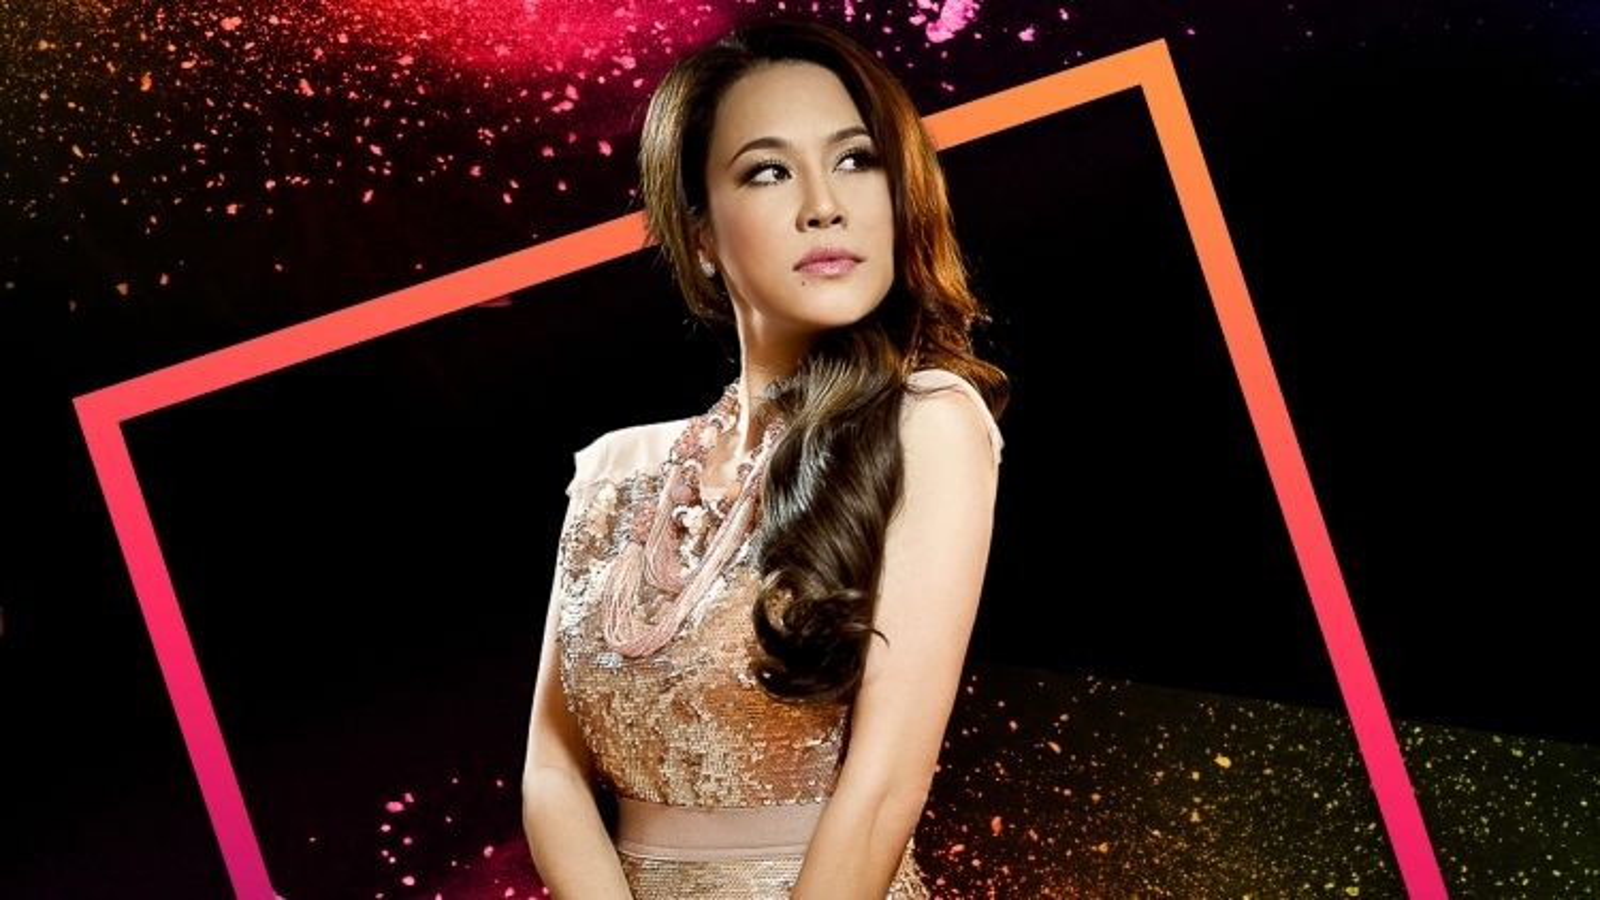 Thu Phương, Hà Trần, Suboi tham gia trình diễn tại Vietnam International Fashion Festival